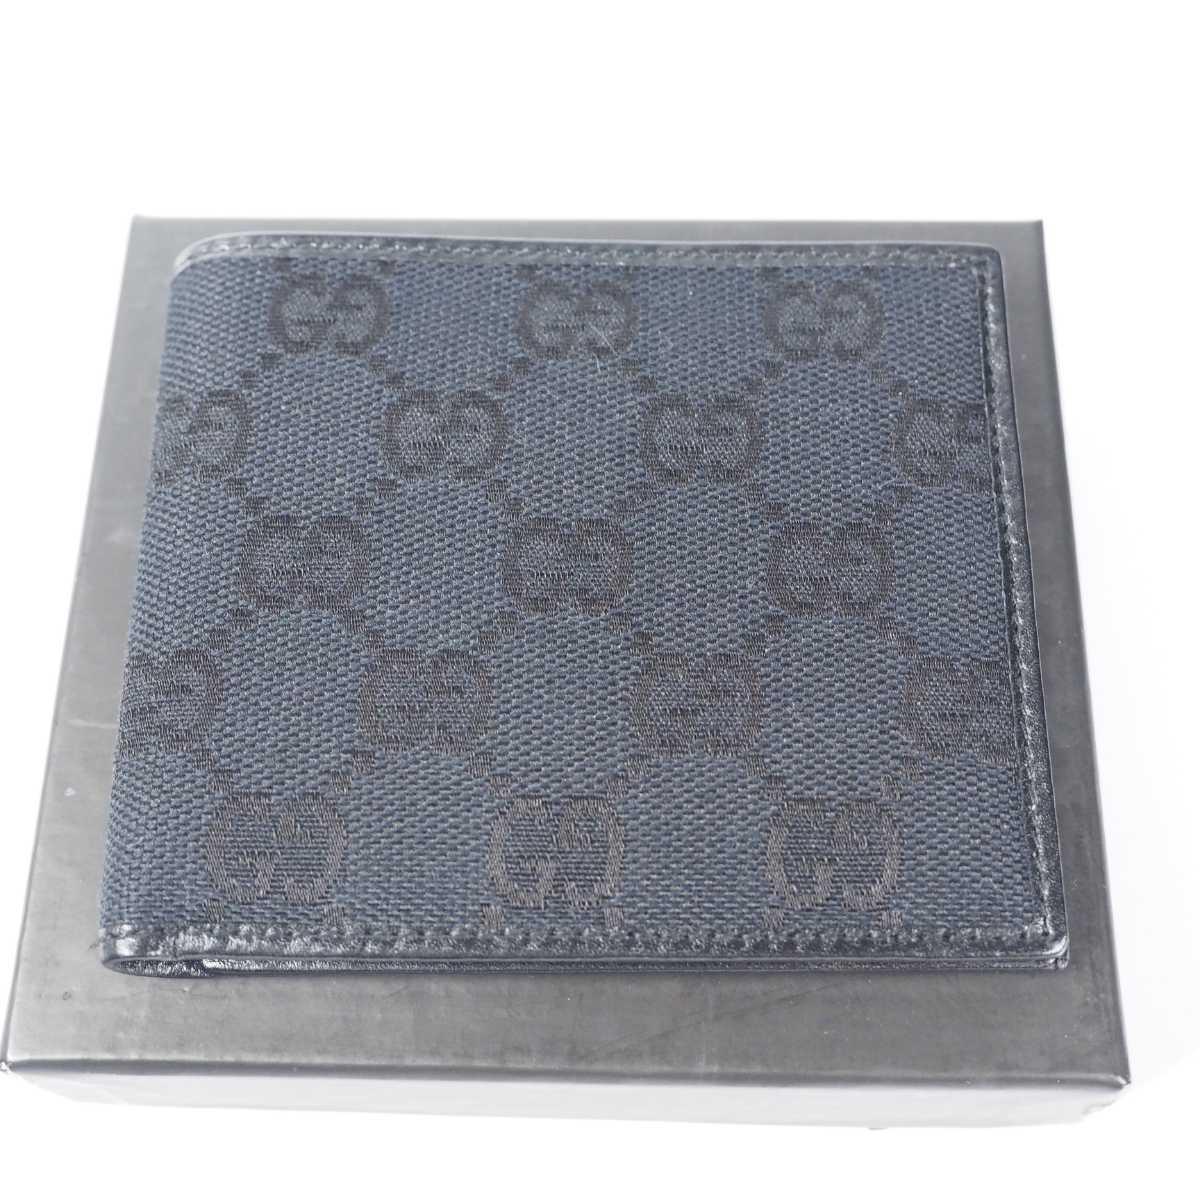 【未使用 送料無料】グッチ GG キャンバス 二つ折り財布 ブラック GUCCI 小銭入れ  財布 526_画像2